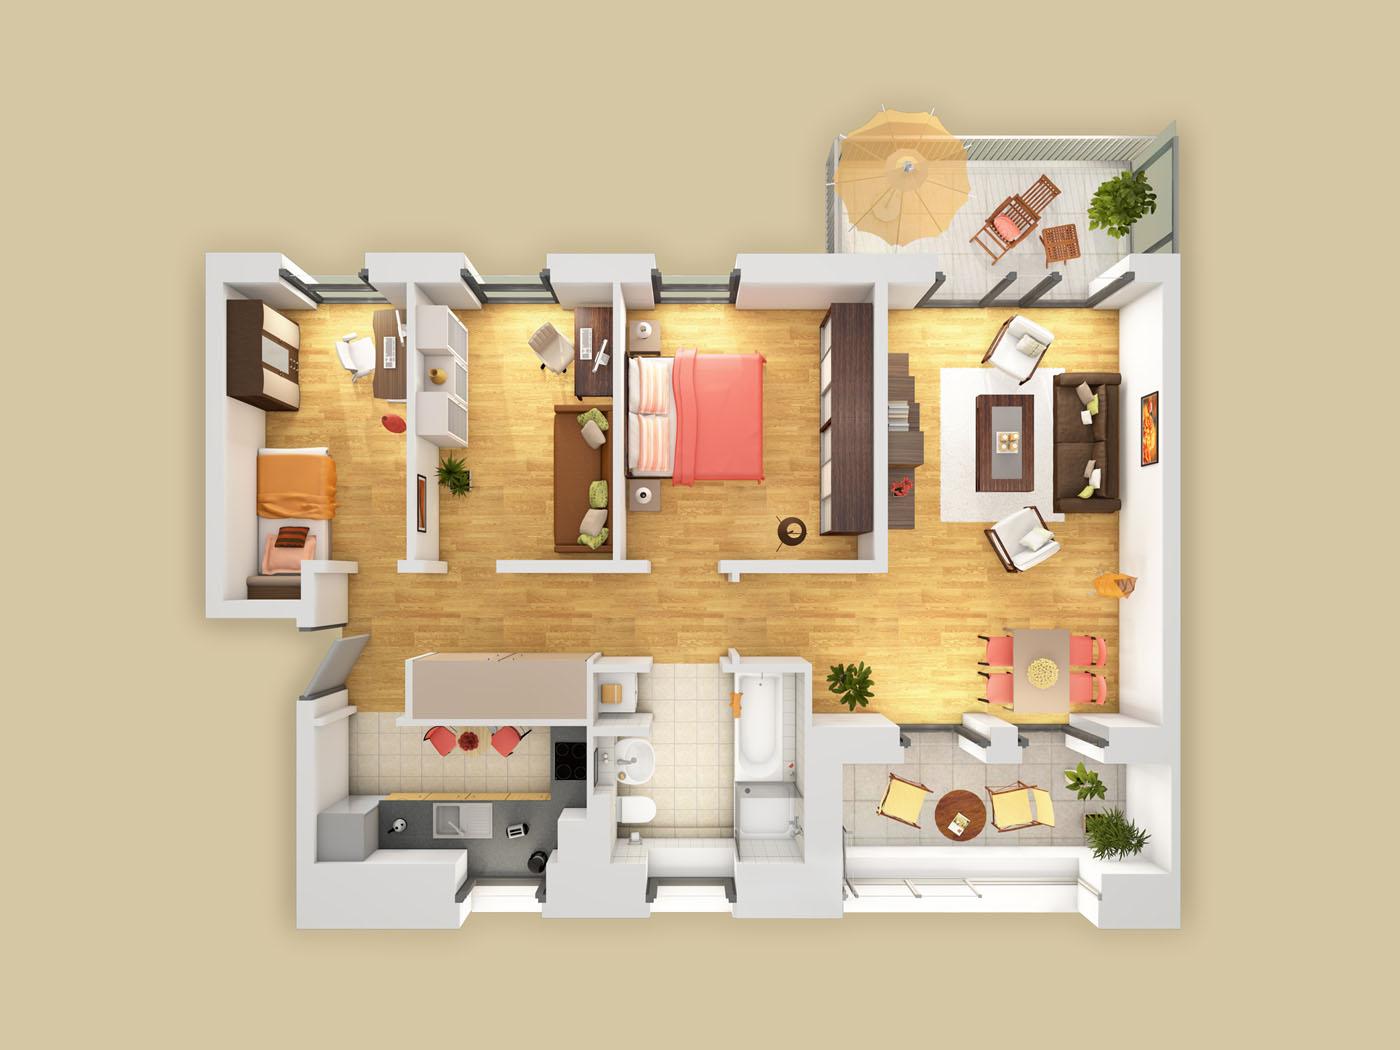 Architektur-Visualisierungen | 3D-Grundriss | Innenraum ...